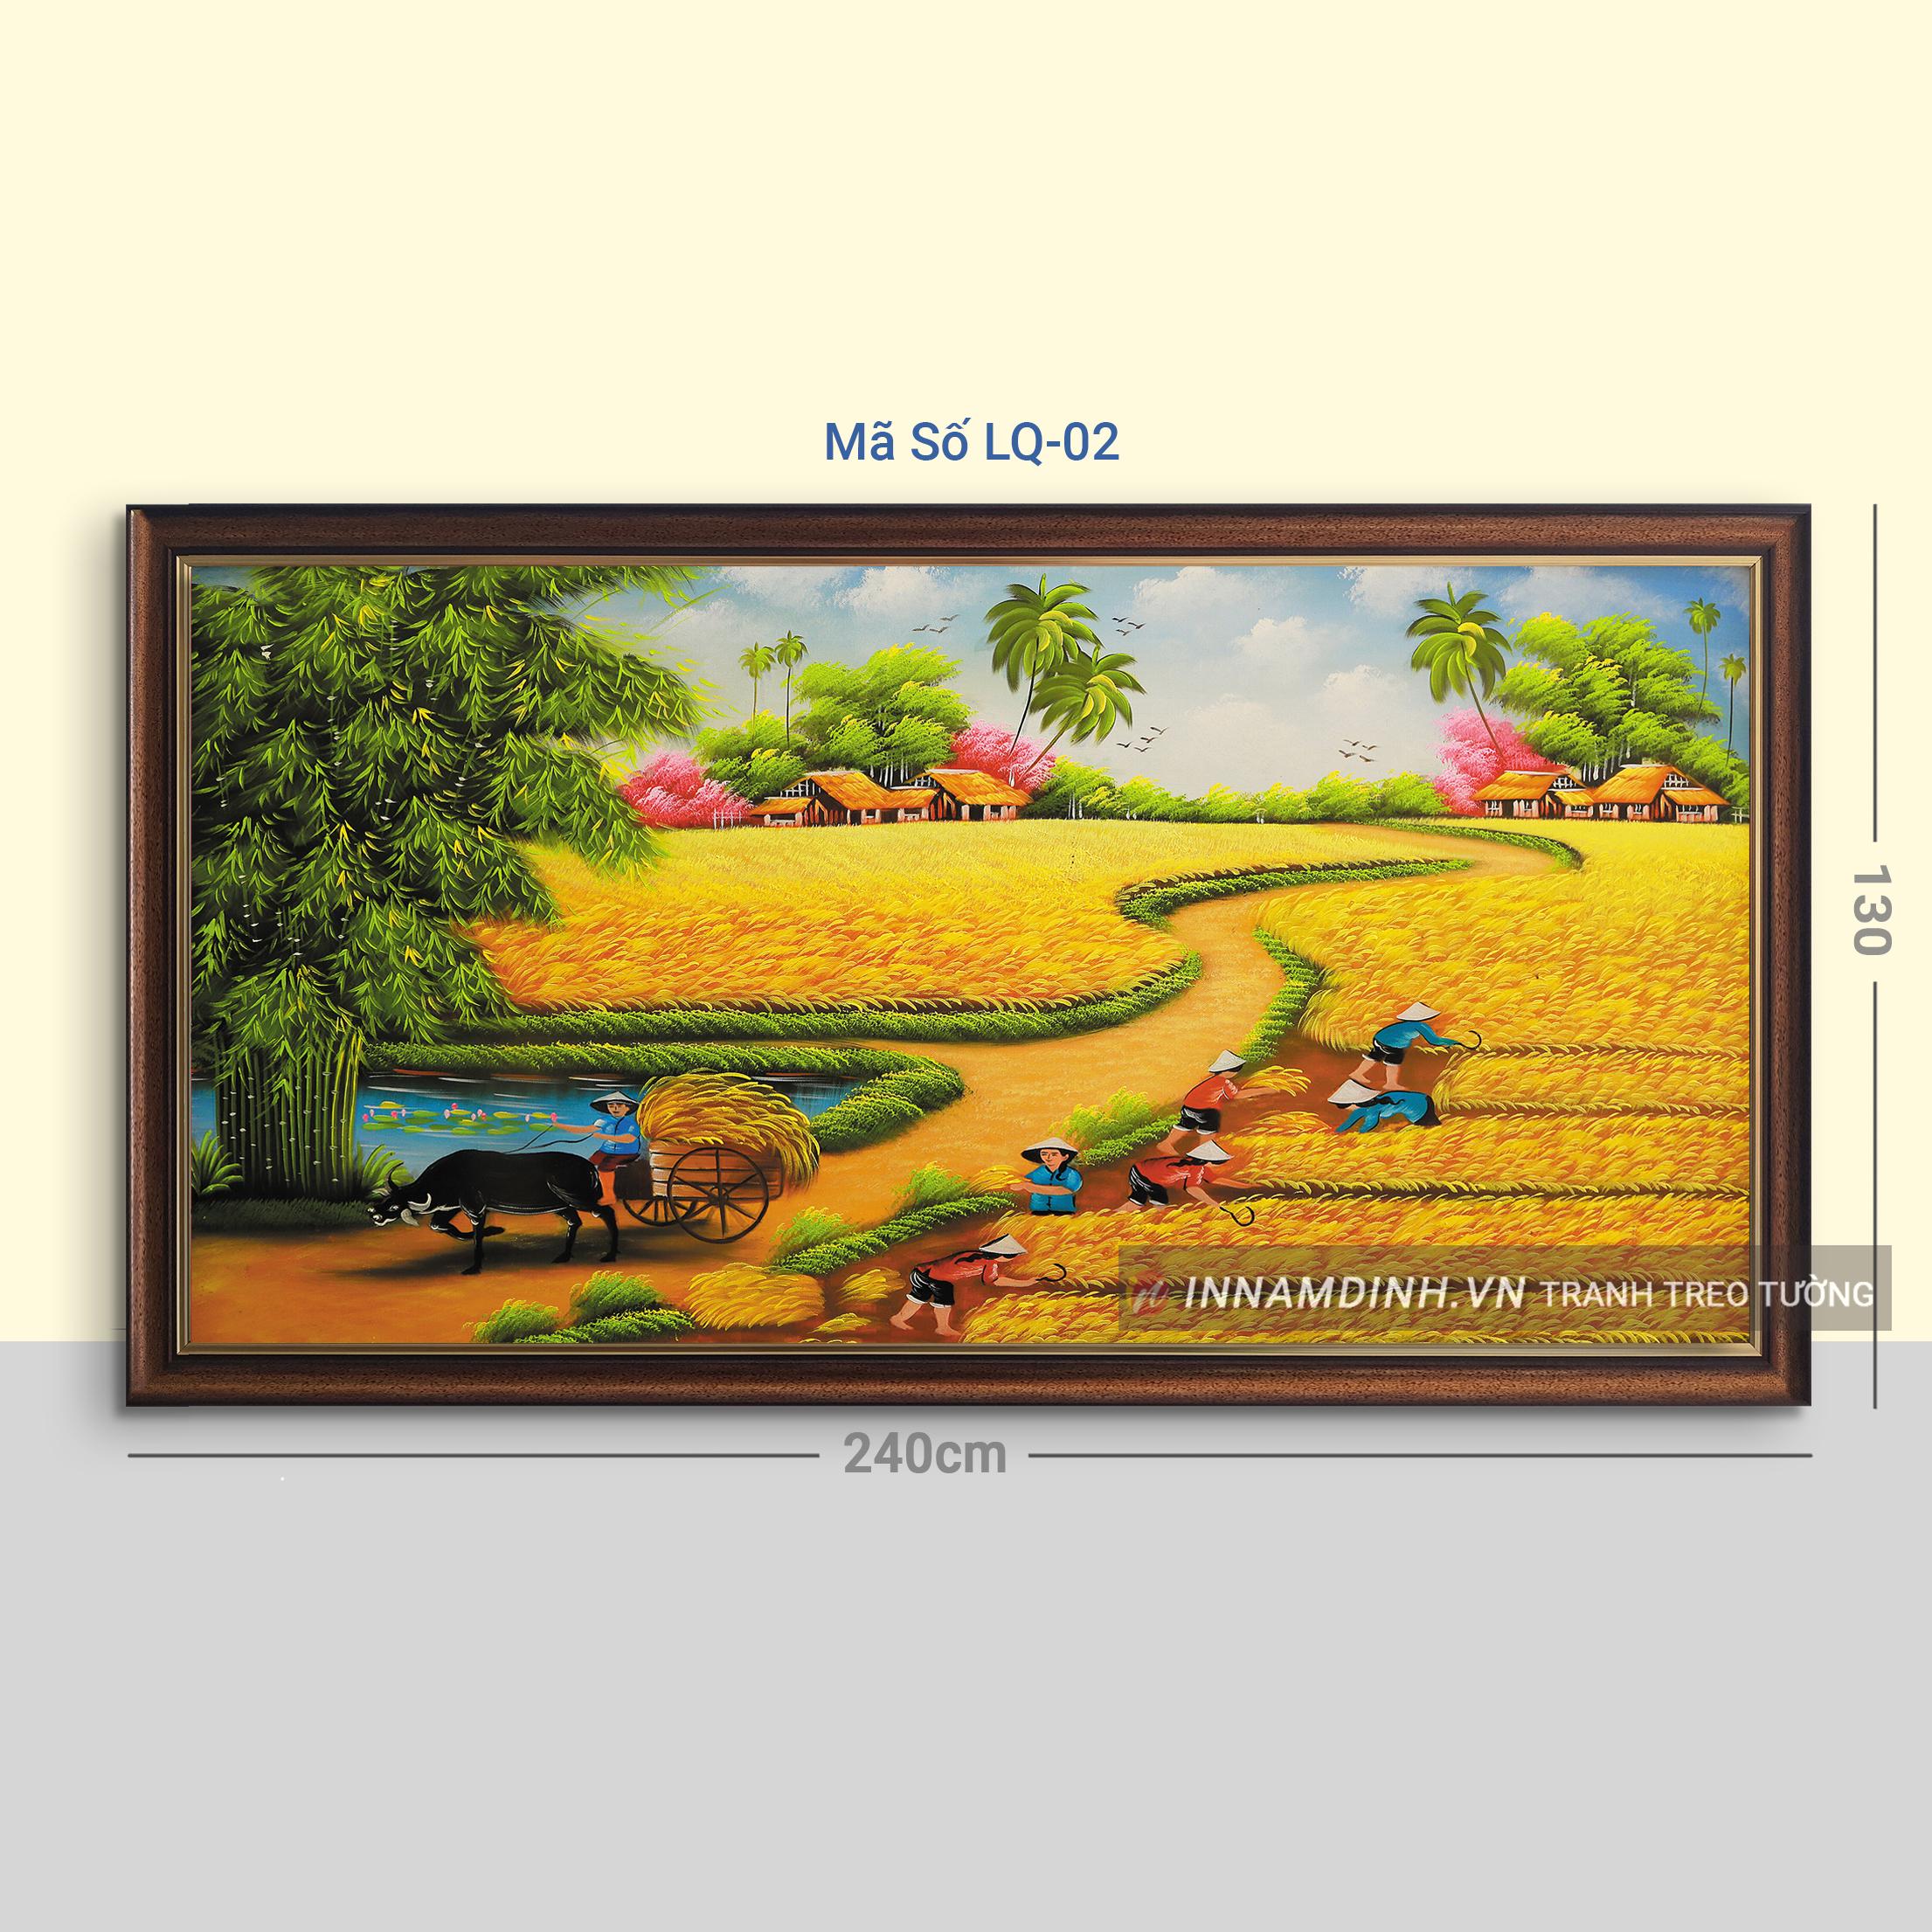 Tranh phong cảnh làng quê vào màu gặt lúa